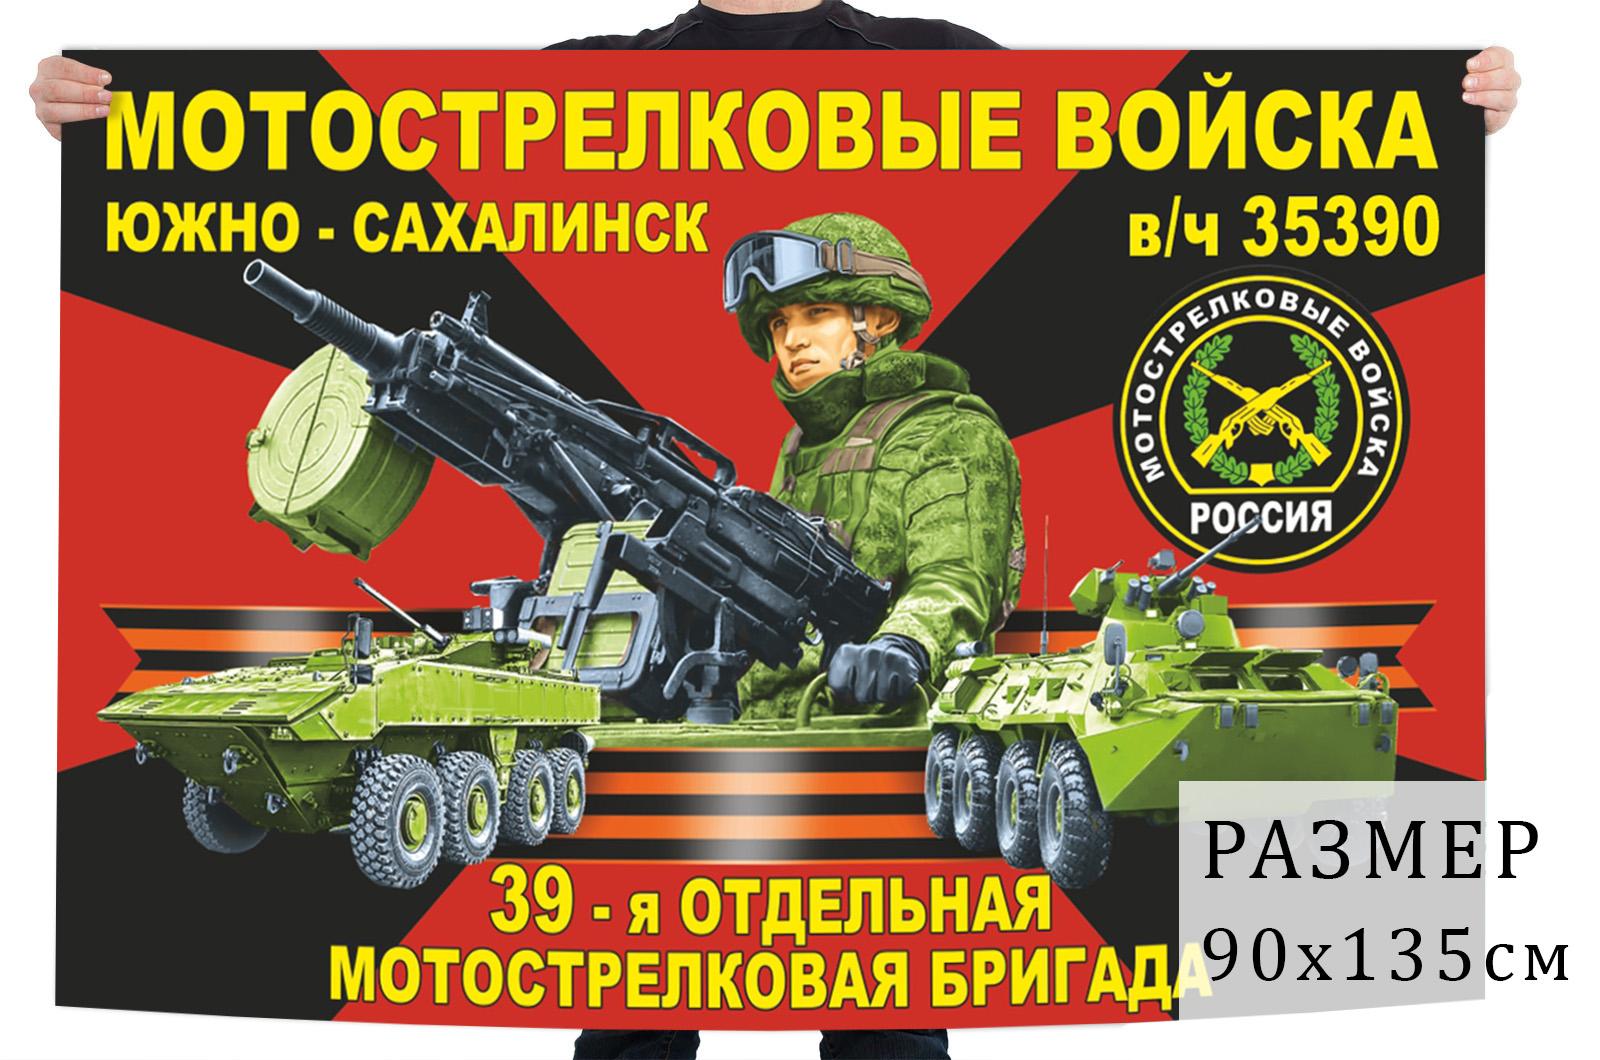 Флаг 39 отдельной мотострелковой бригады